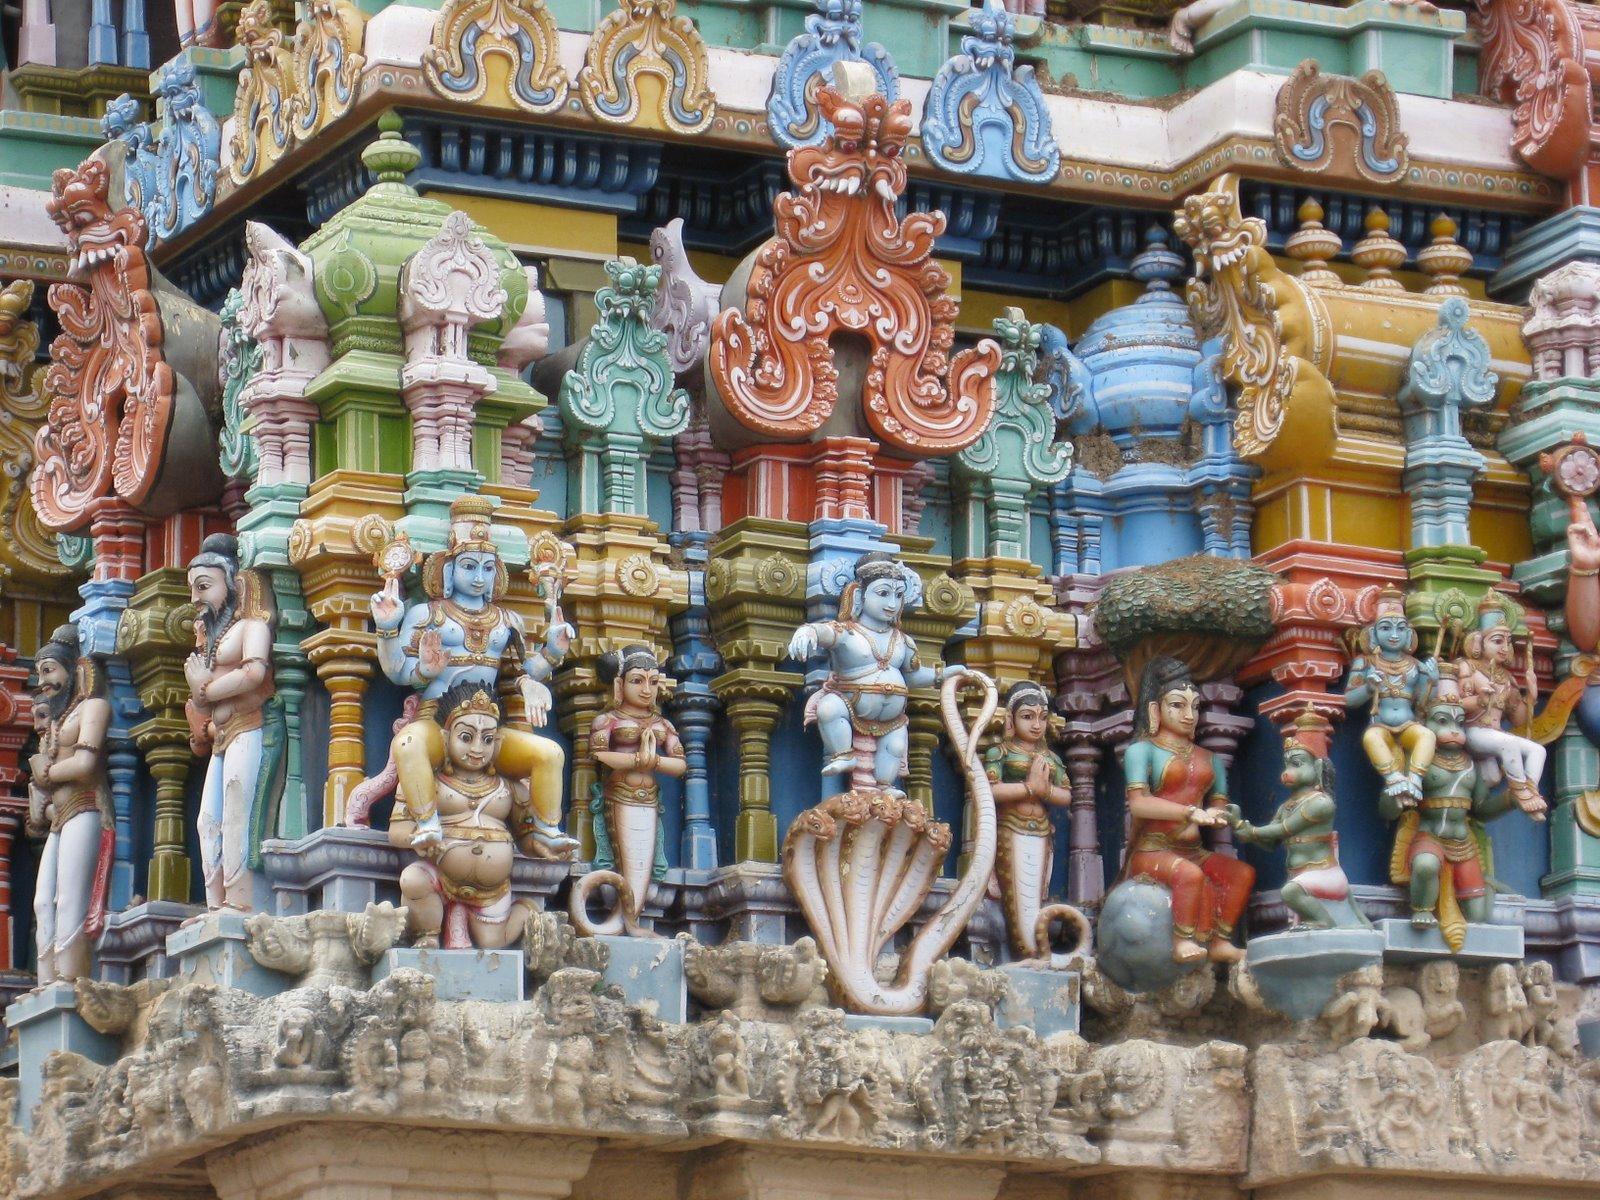 Sri Vijayaasana Perumal - Thiru Varagunamangai (Naththam), Nava Tirupathi - Nine Holy Temples